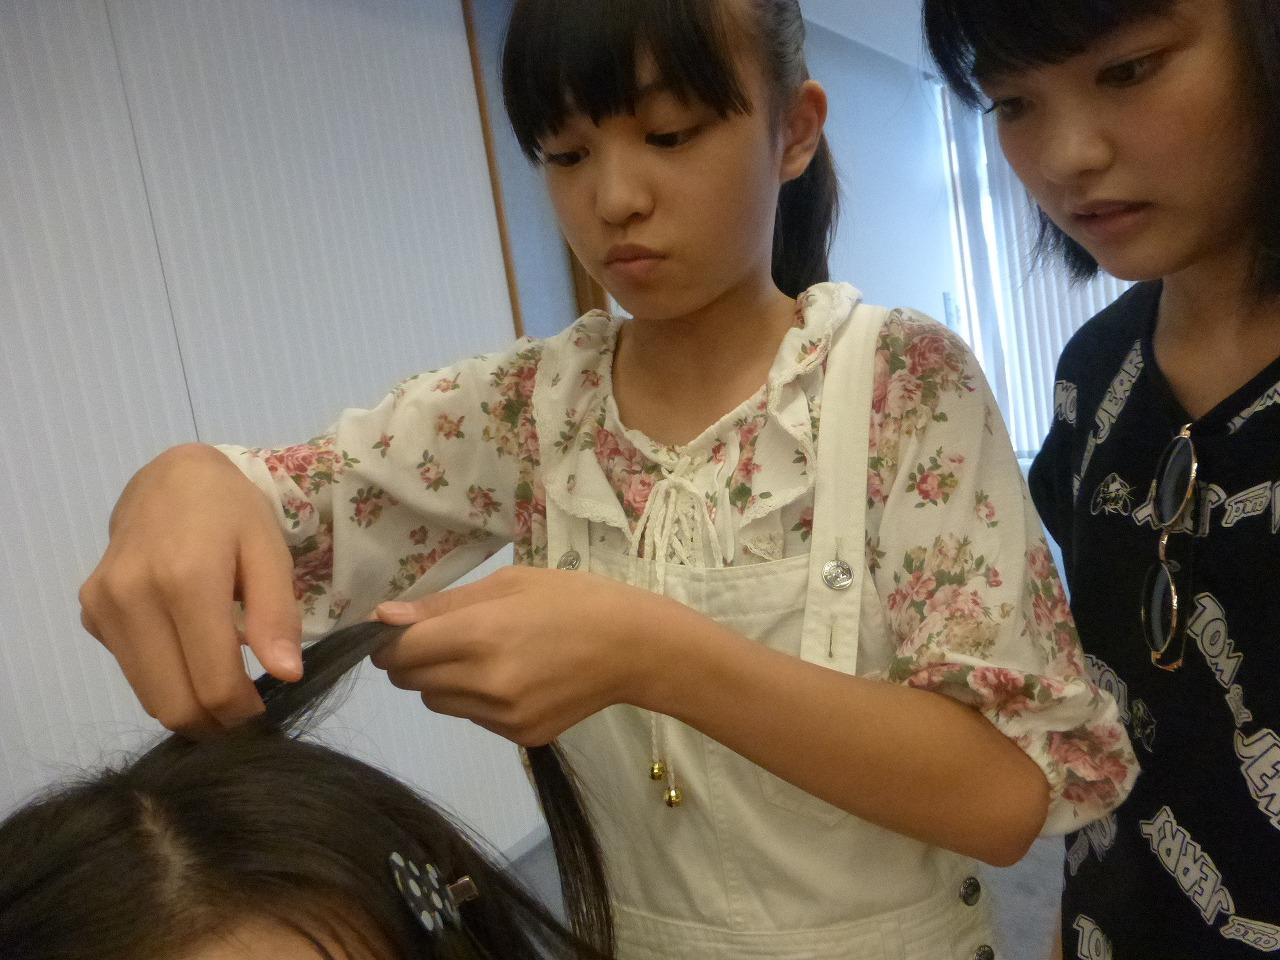 蒼良が髪を作ります。頭は愛かな?(蒼良/理子)